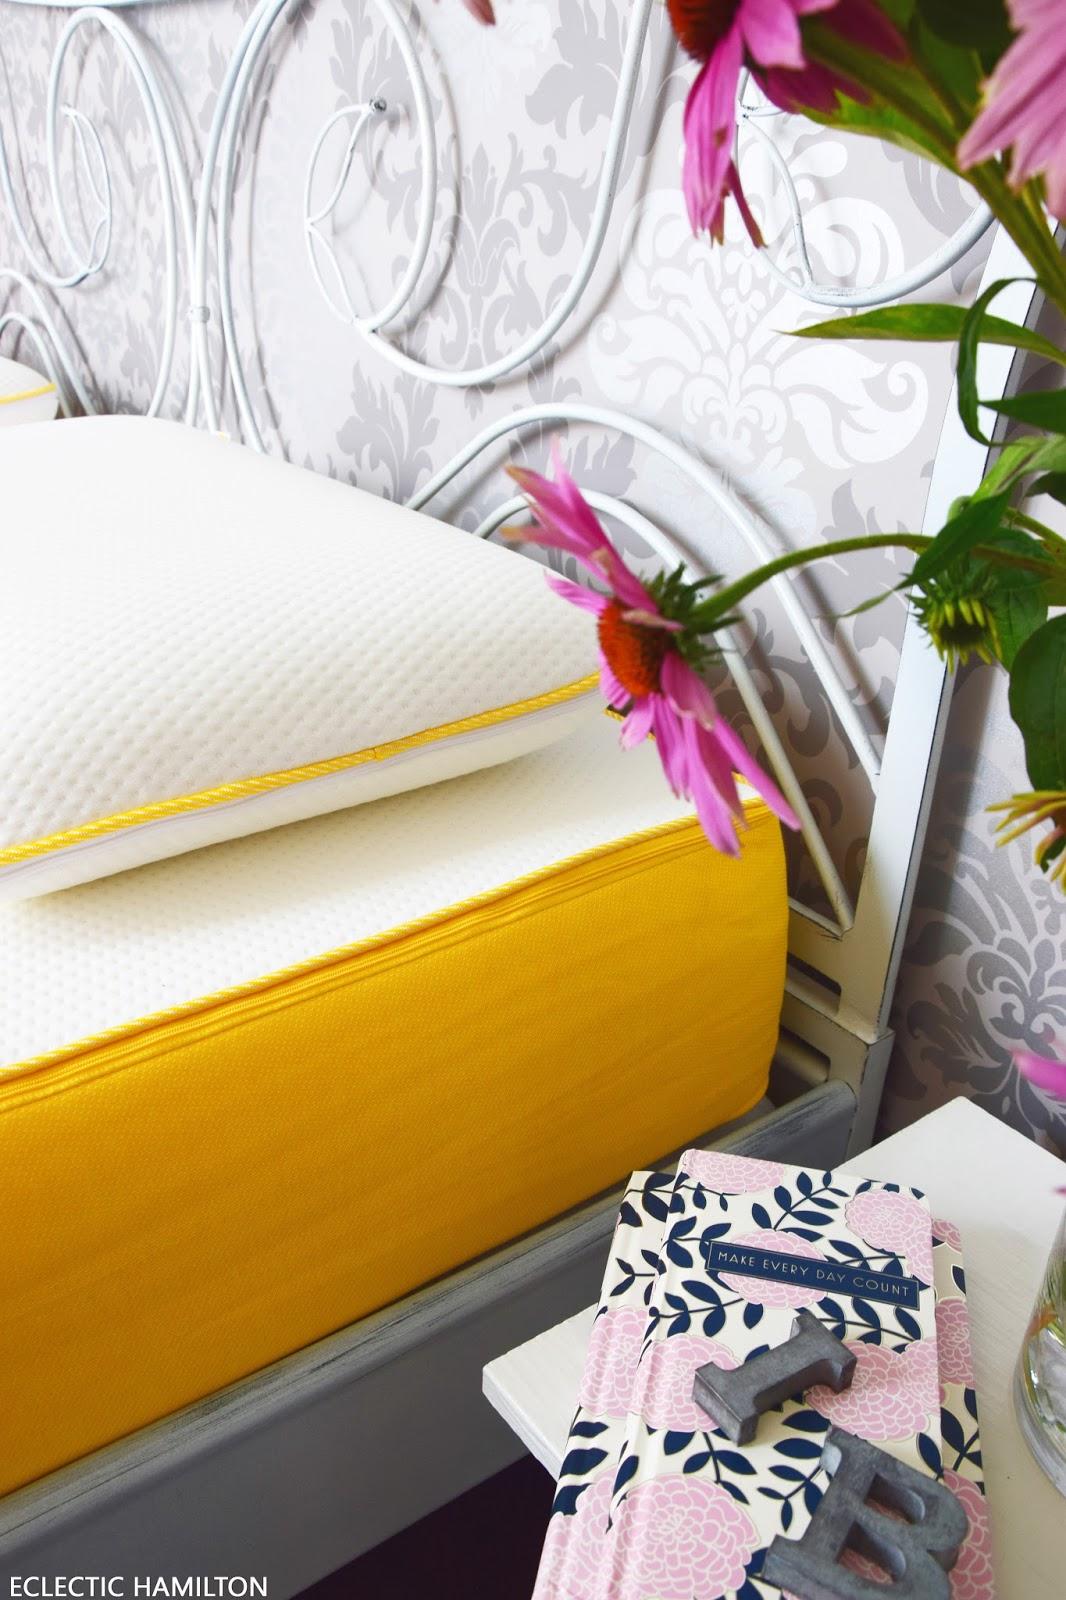 endlich wieder himmlisch schlafen im neuen schlafzimmer eclectic hamilton. Black Bedroom Furniture Sets. Home Design Ideas